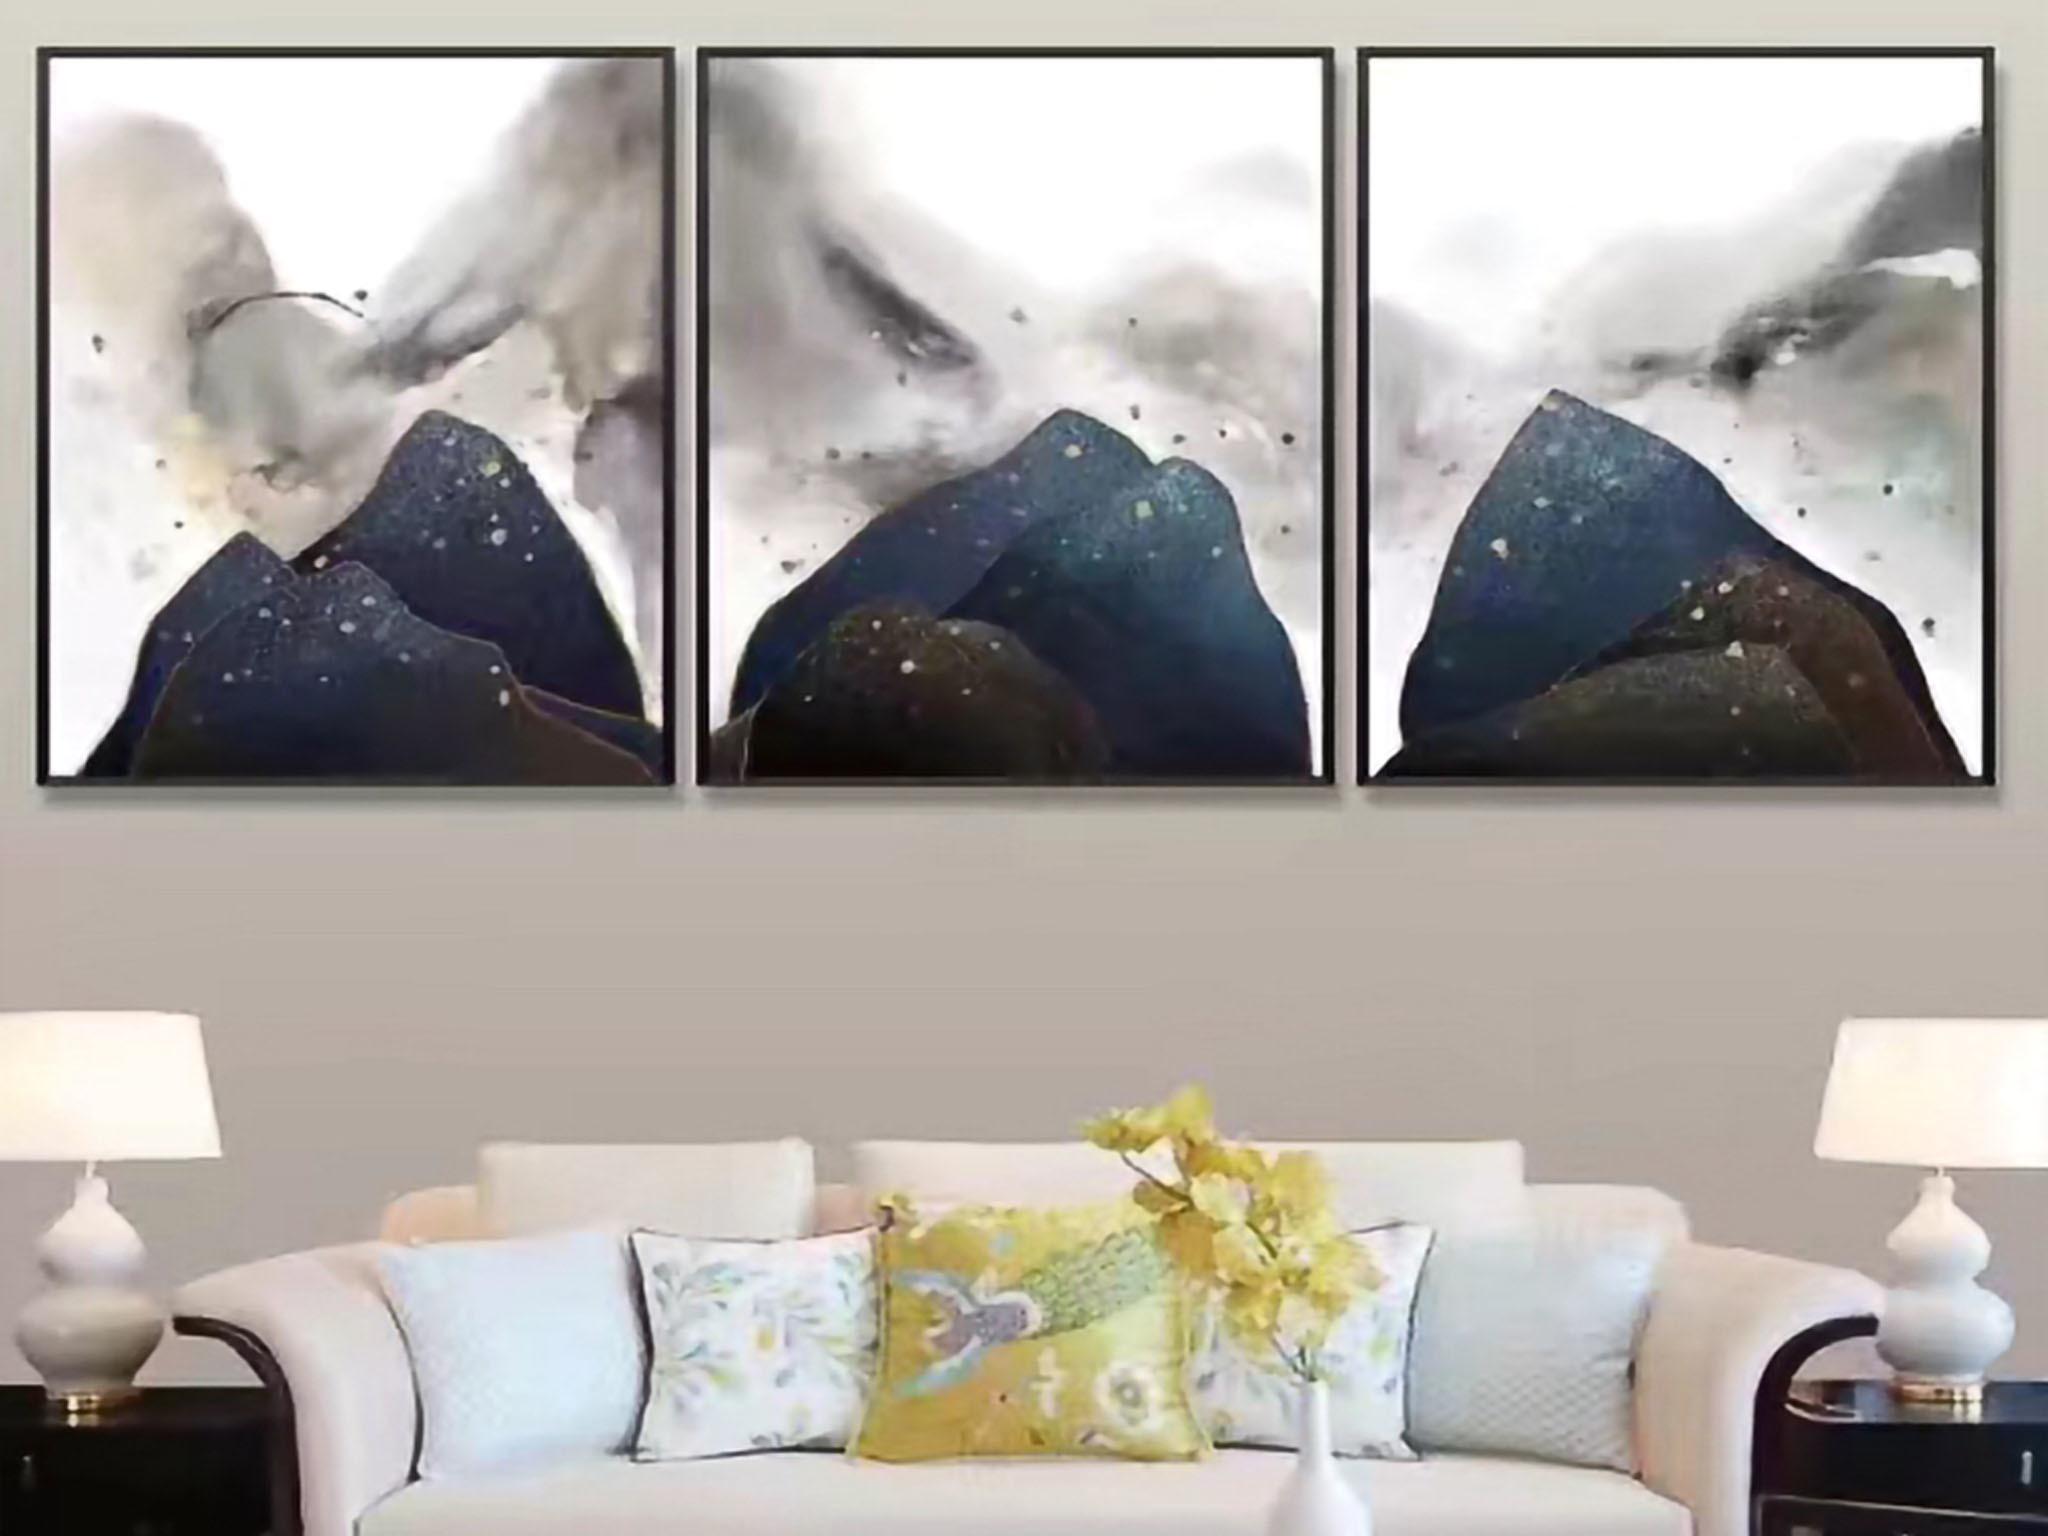 【装饰字画】手绘油画 云山雾里 新中式风景油画 组合